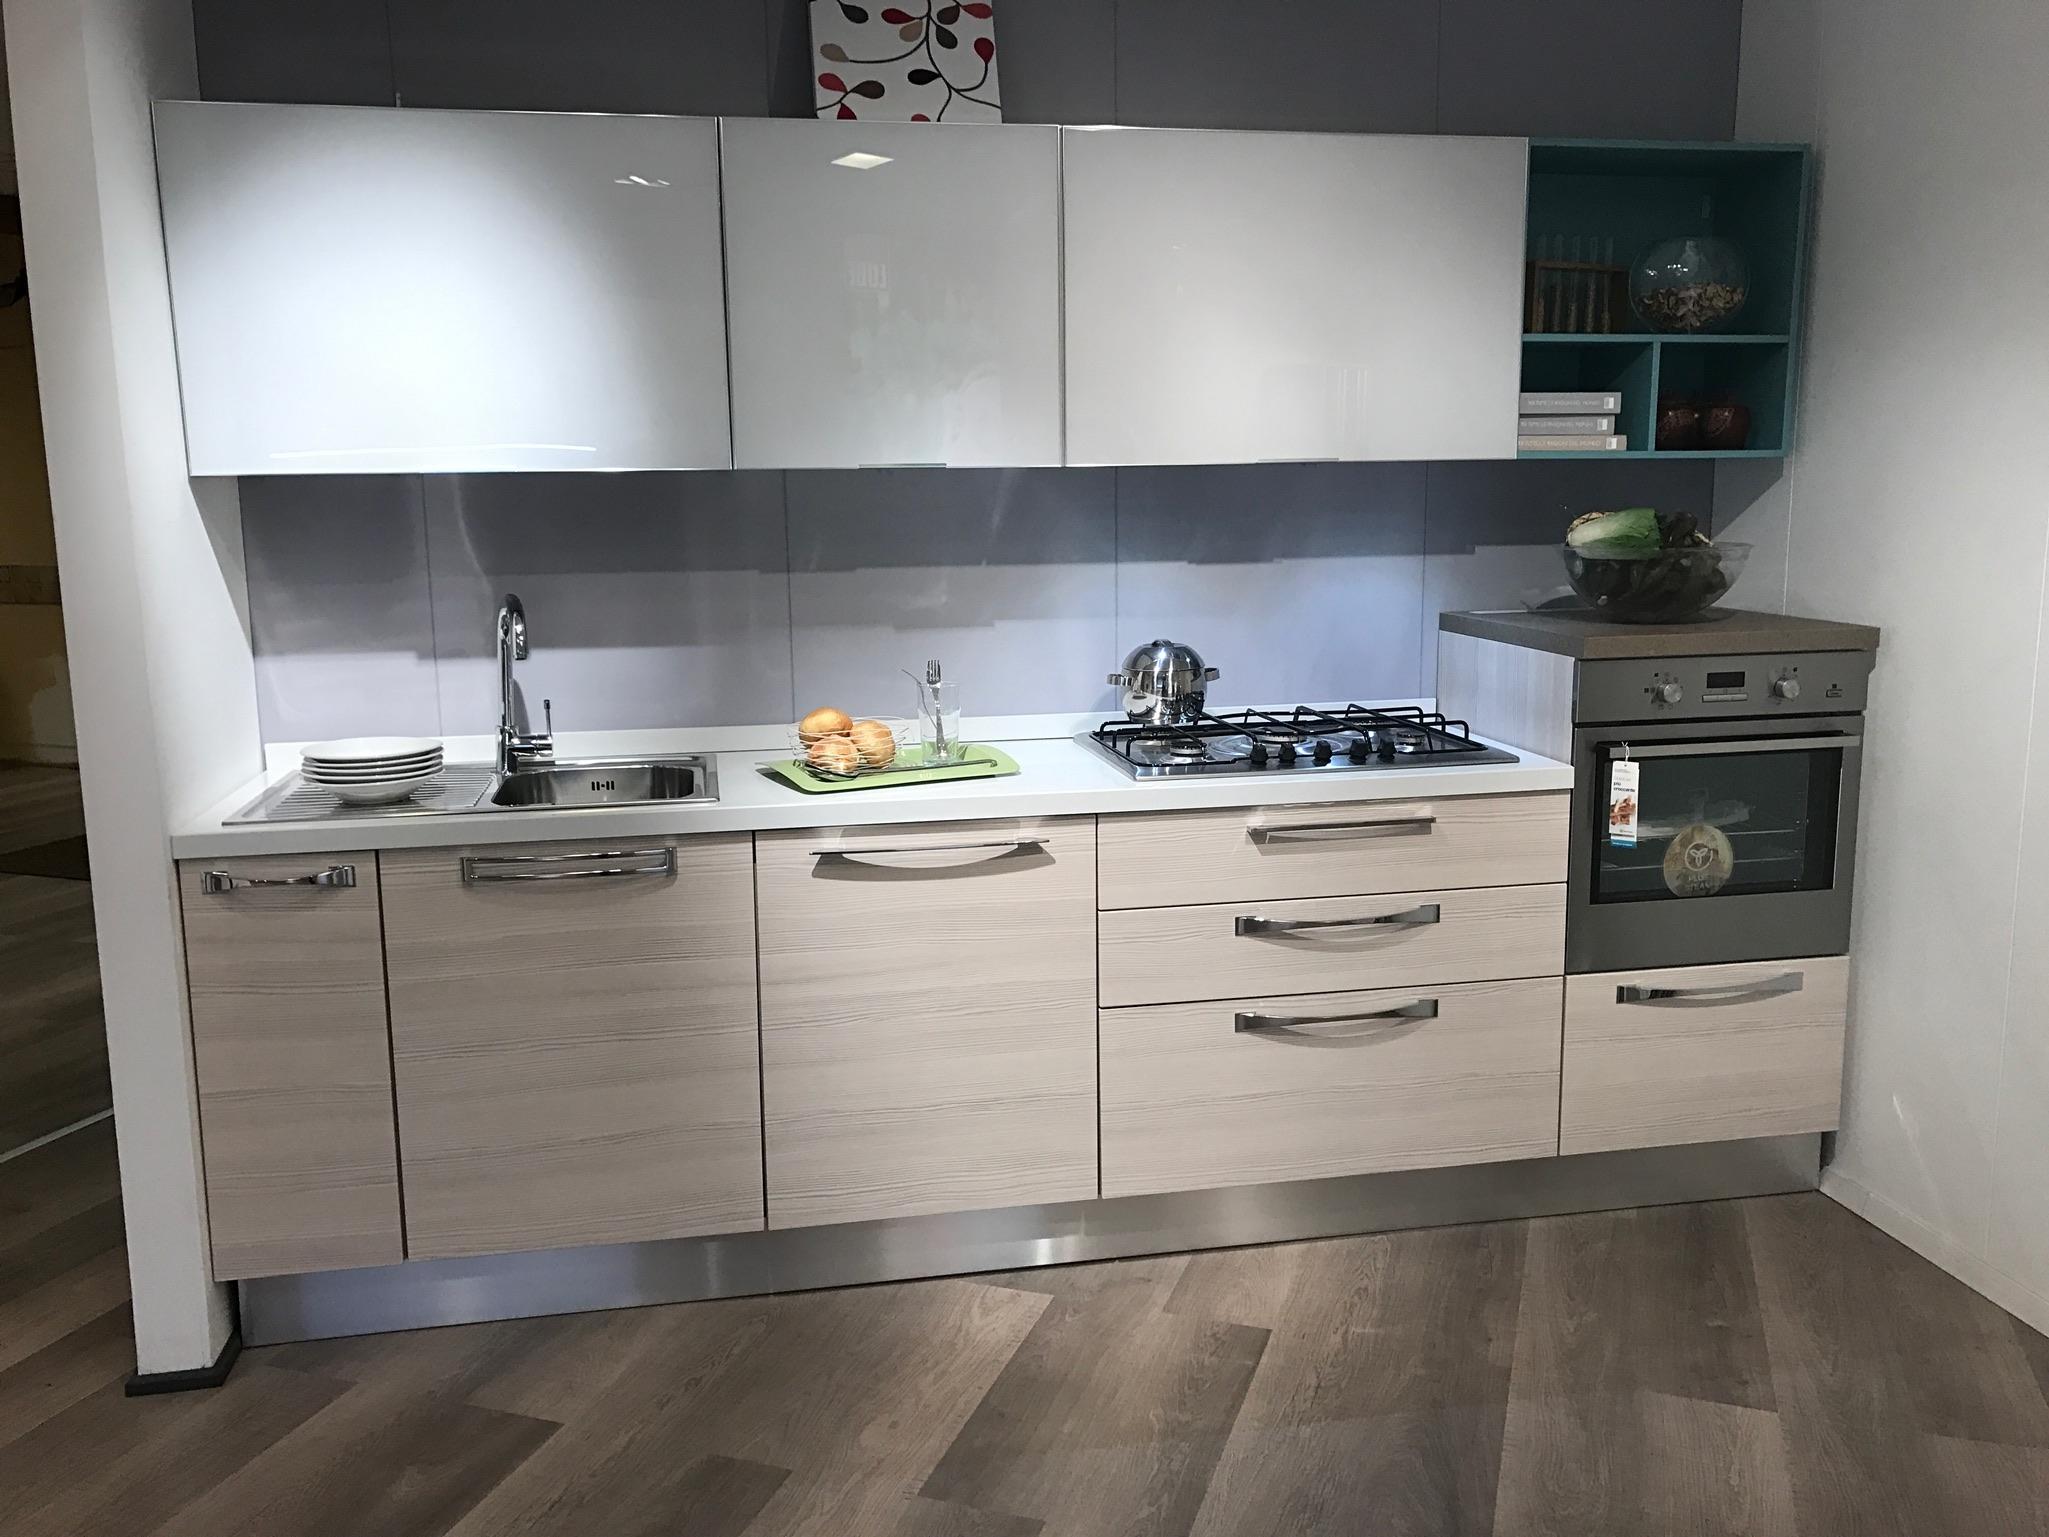 Cucina lineare moderna lube martina offerta cucine a for Cucine in offerta prezzi